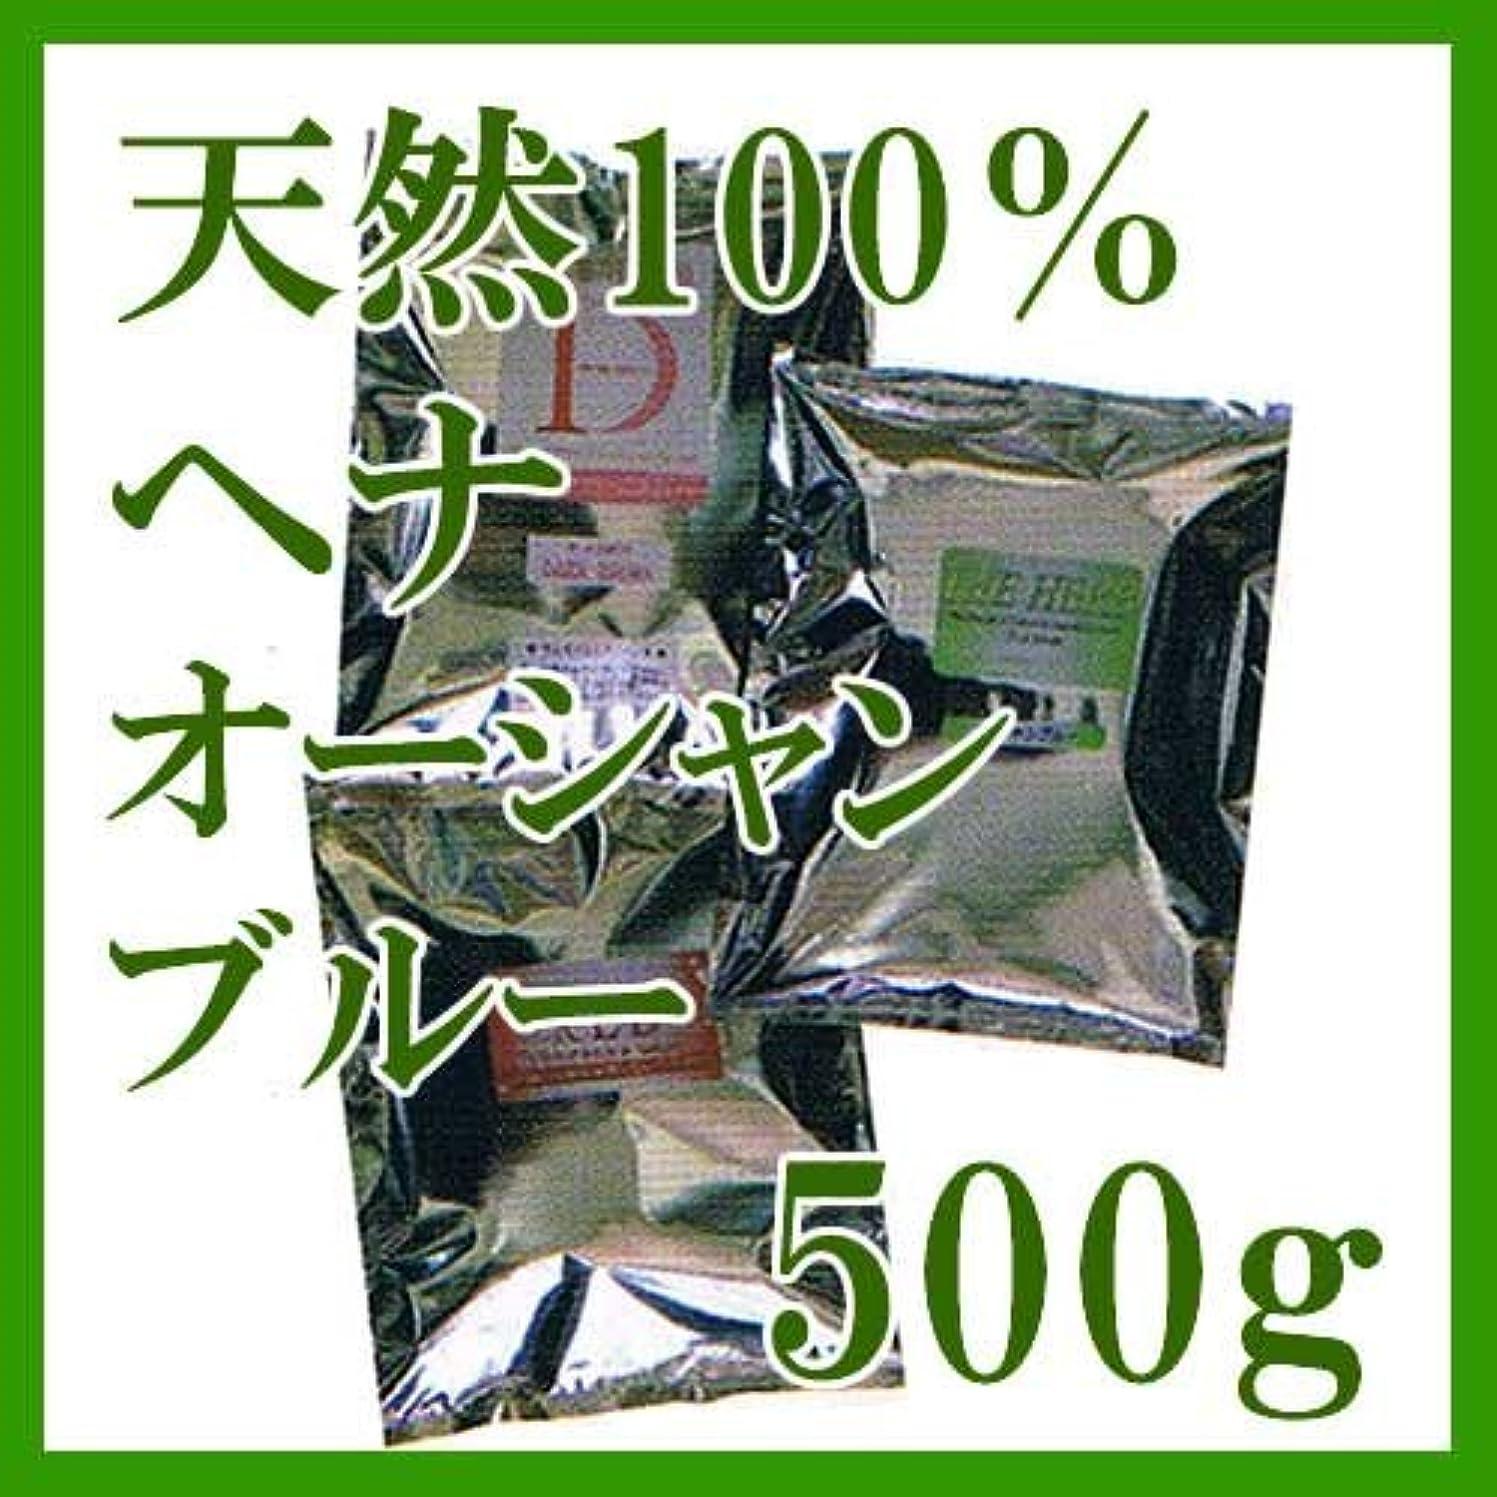 ヘナ インターナショナル 天然100%ヘナ オーシャンブルー 500g